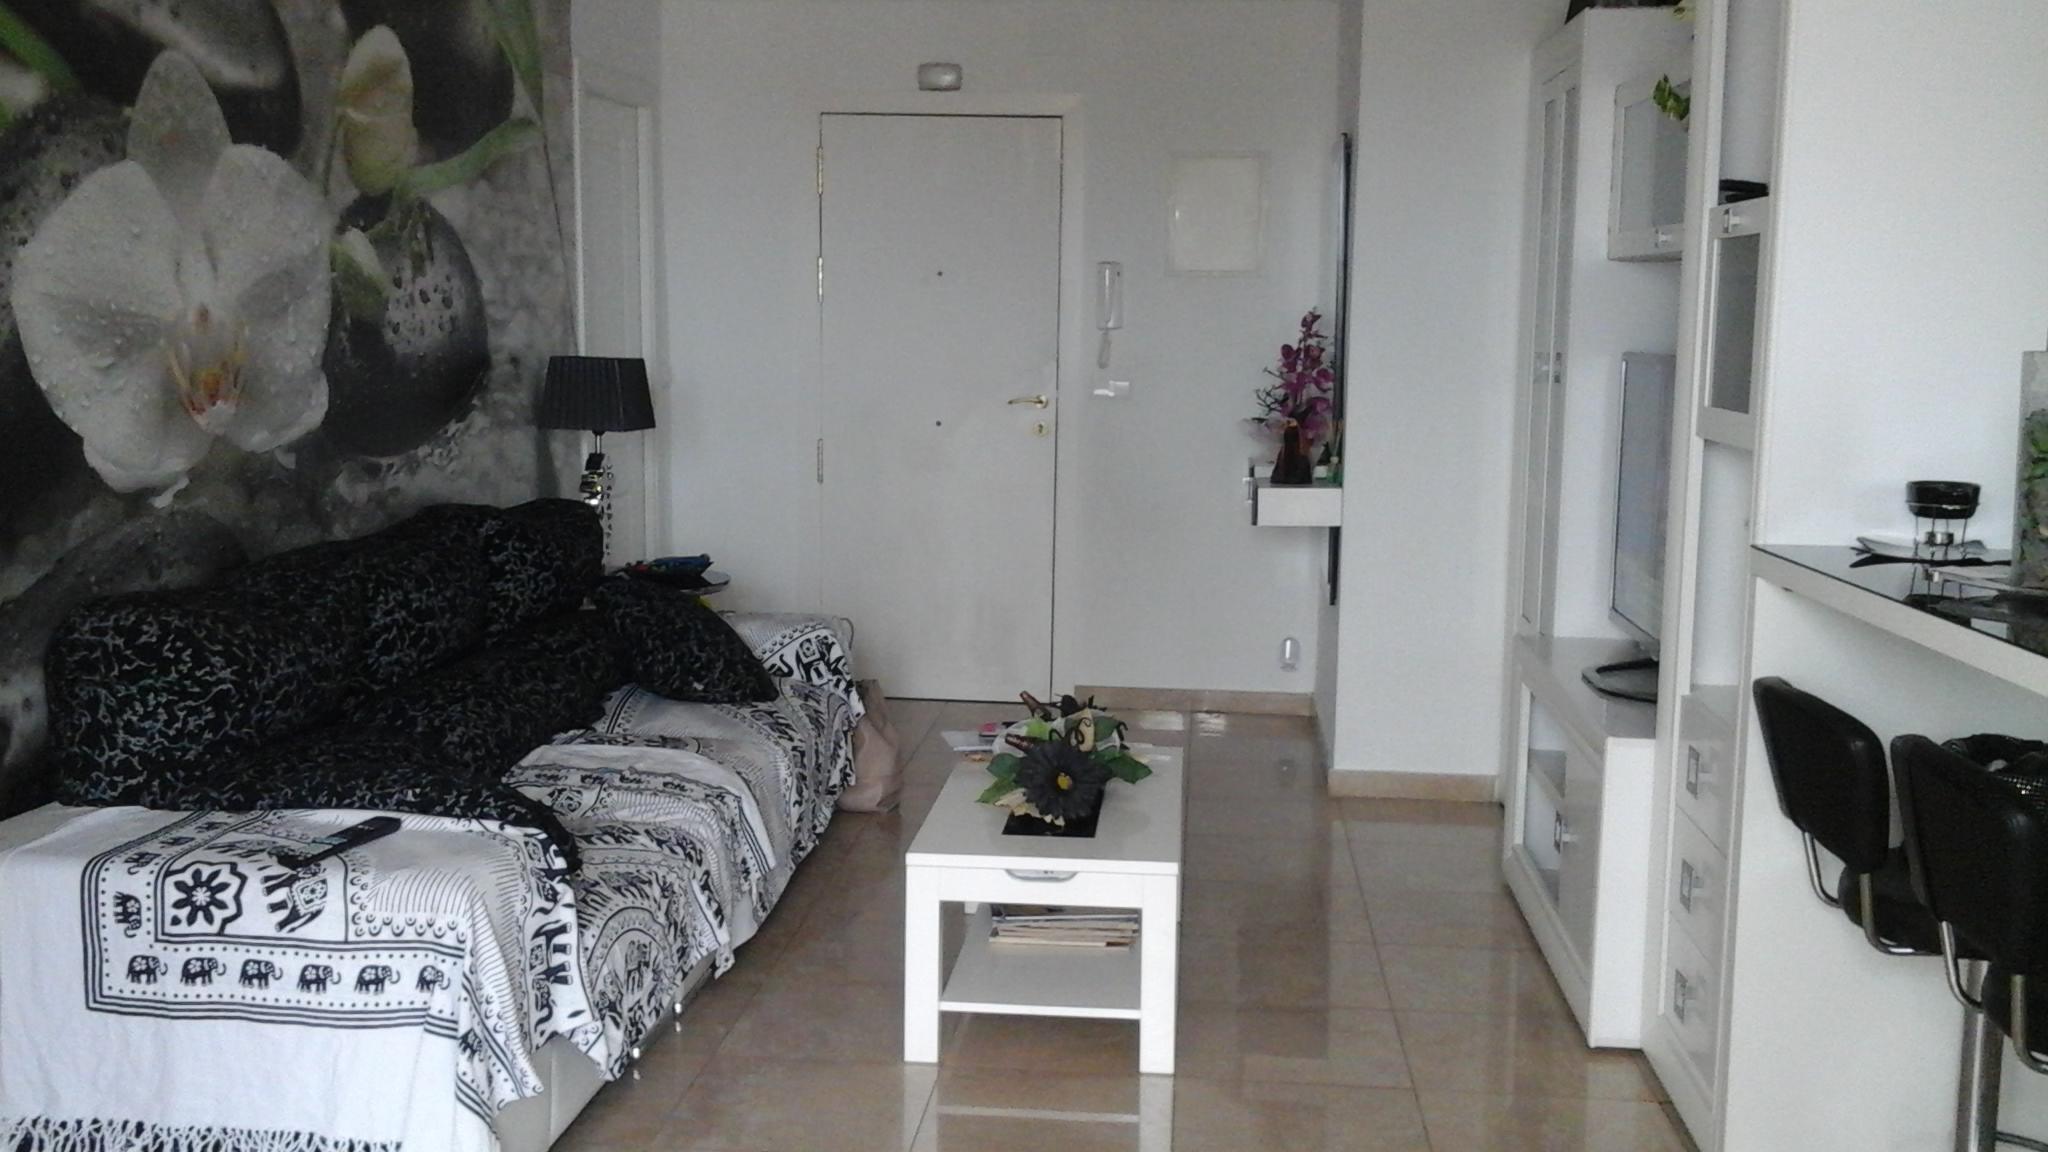 160023 - Atico situado en pleno centro de Castelldefels.